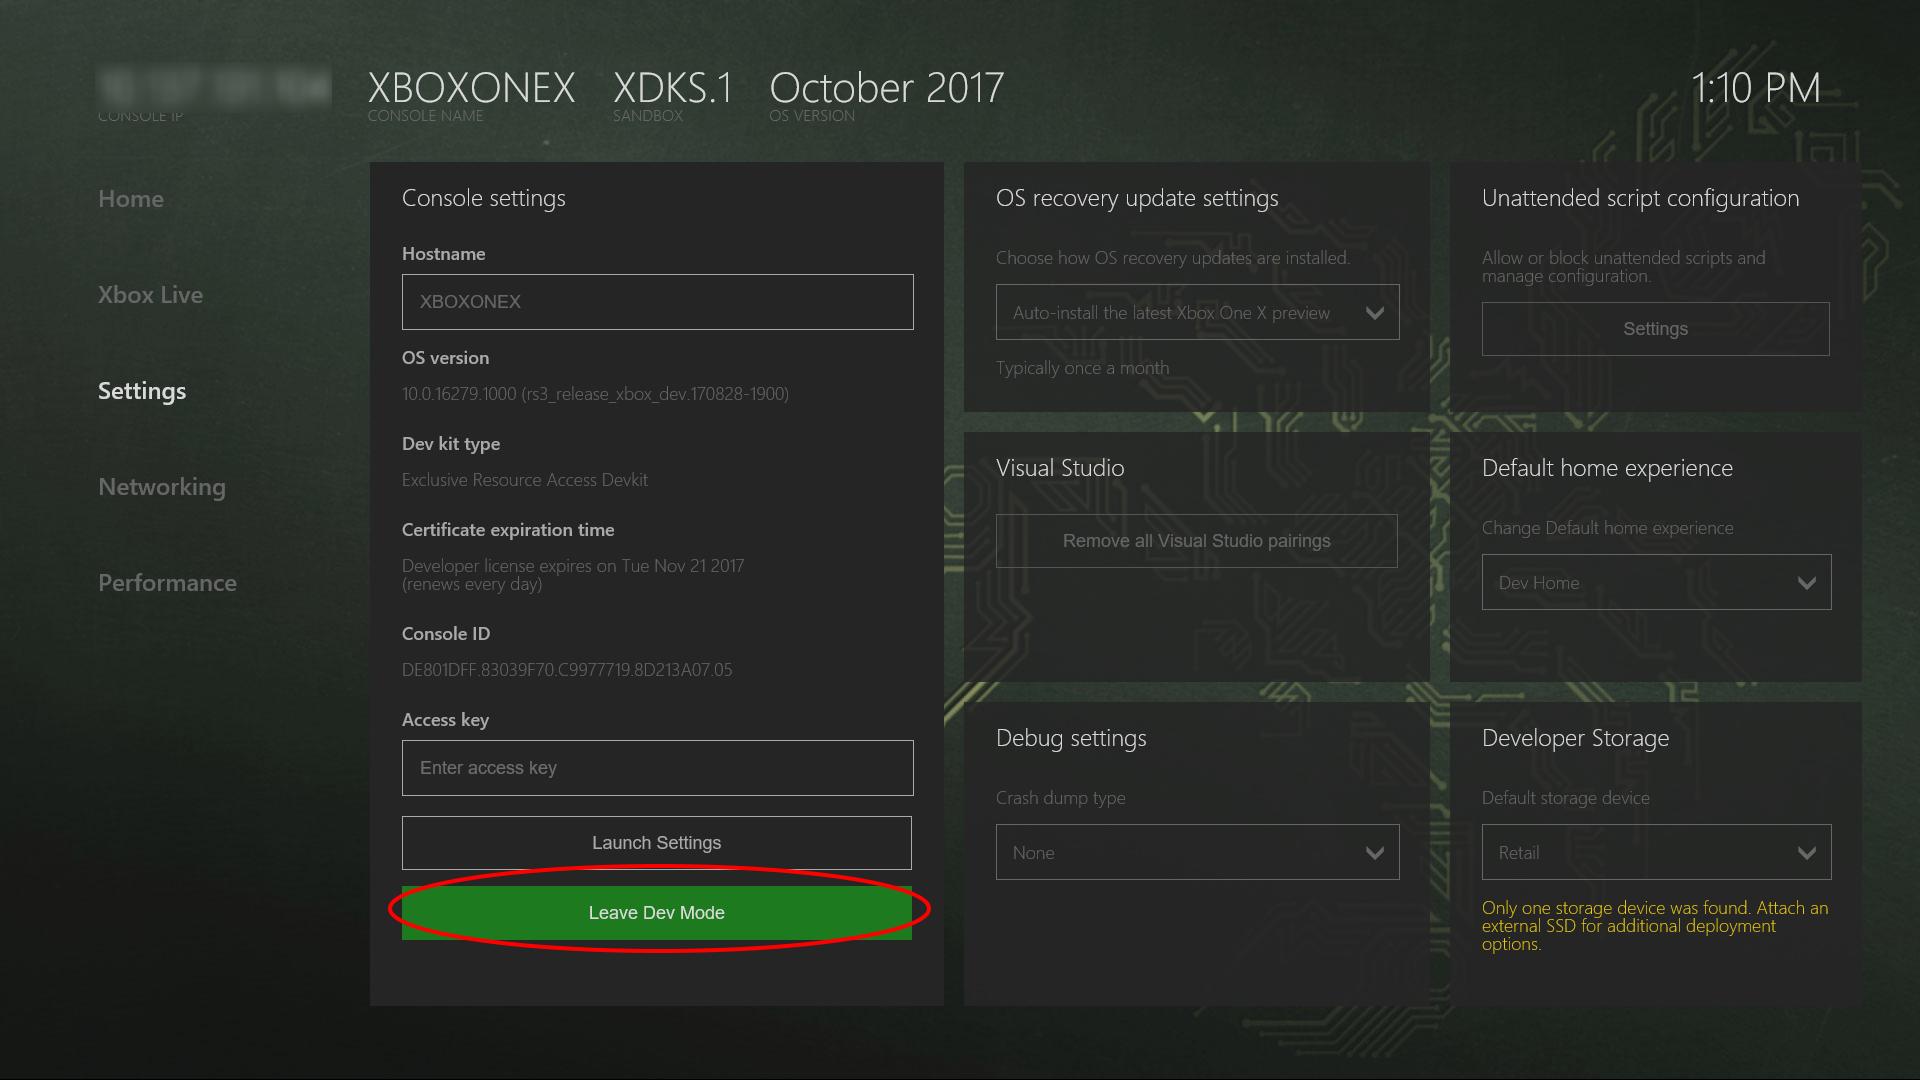 Descubriendo el modo desarrollador de las consolas Xbox ¿Qué es y qué puedo hacer?